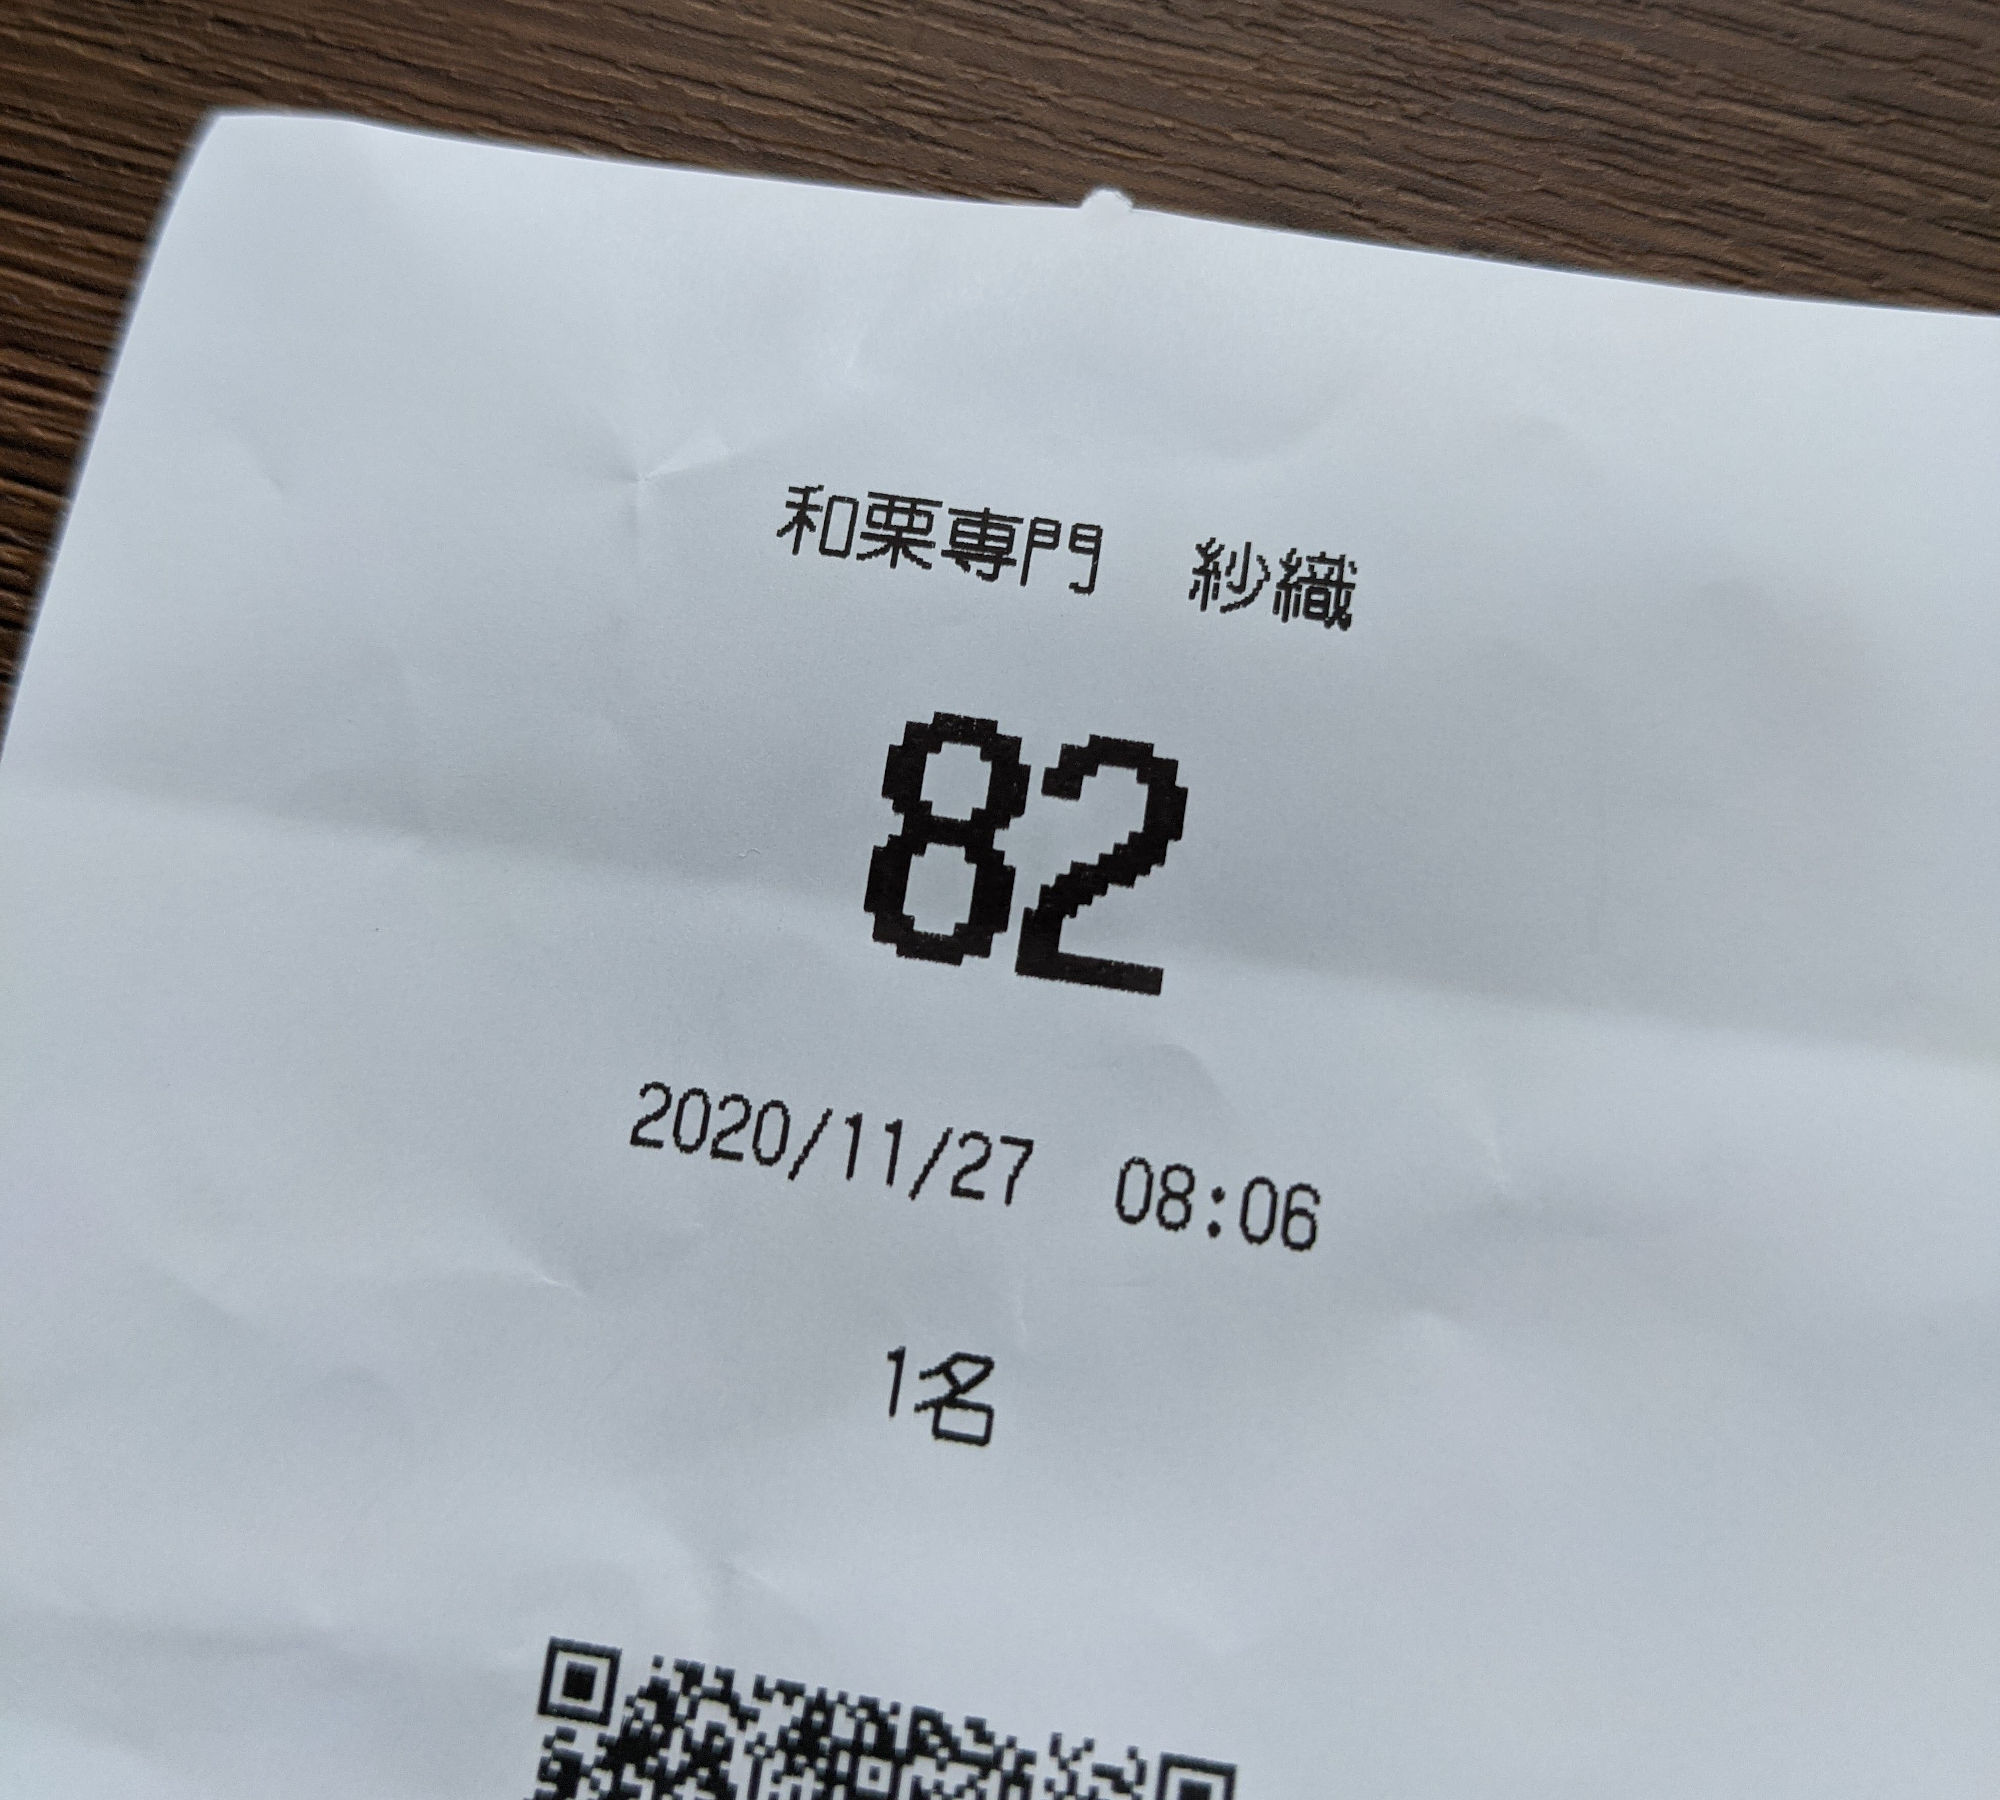 和栗専門 紗織の整理券